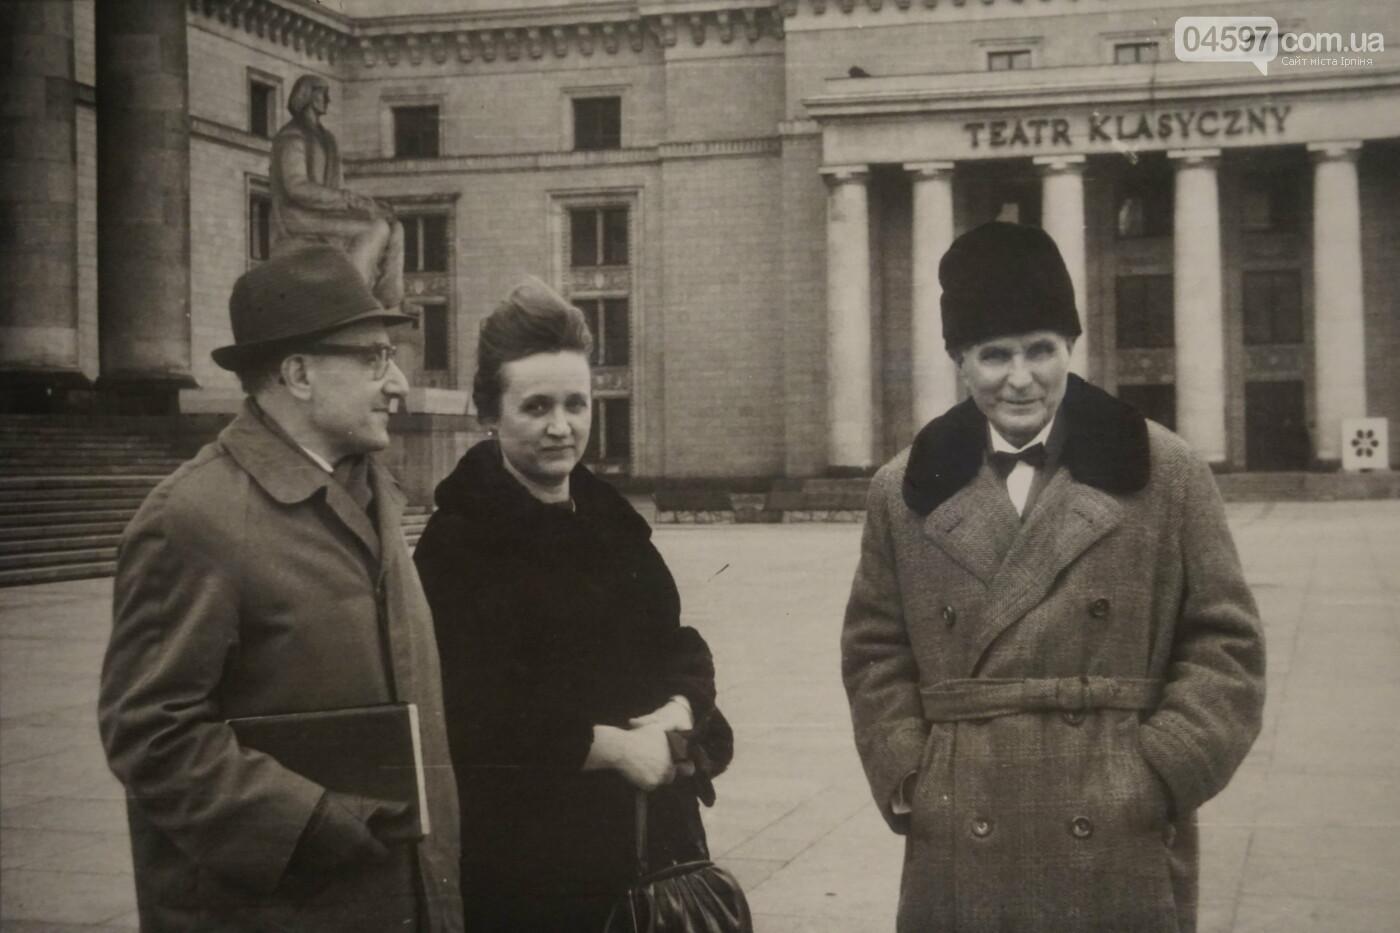 Сьогодні 120-та річниця з дня народження відомого лікаря-гомеопата, який жив в Ірпені, фото-1